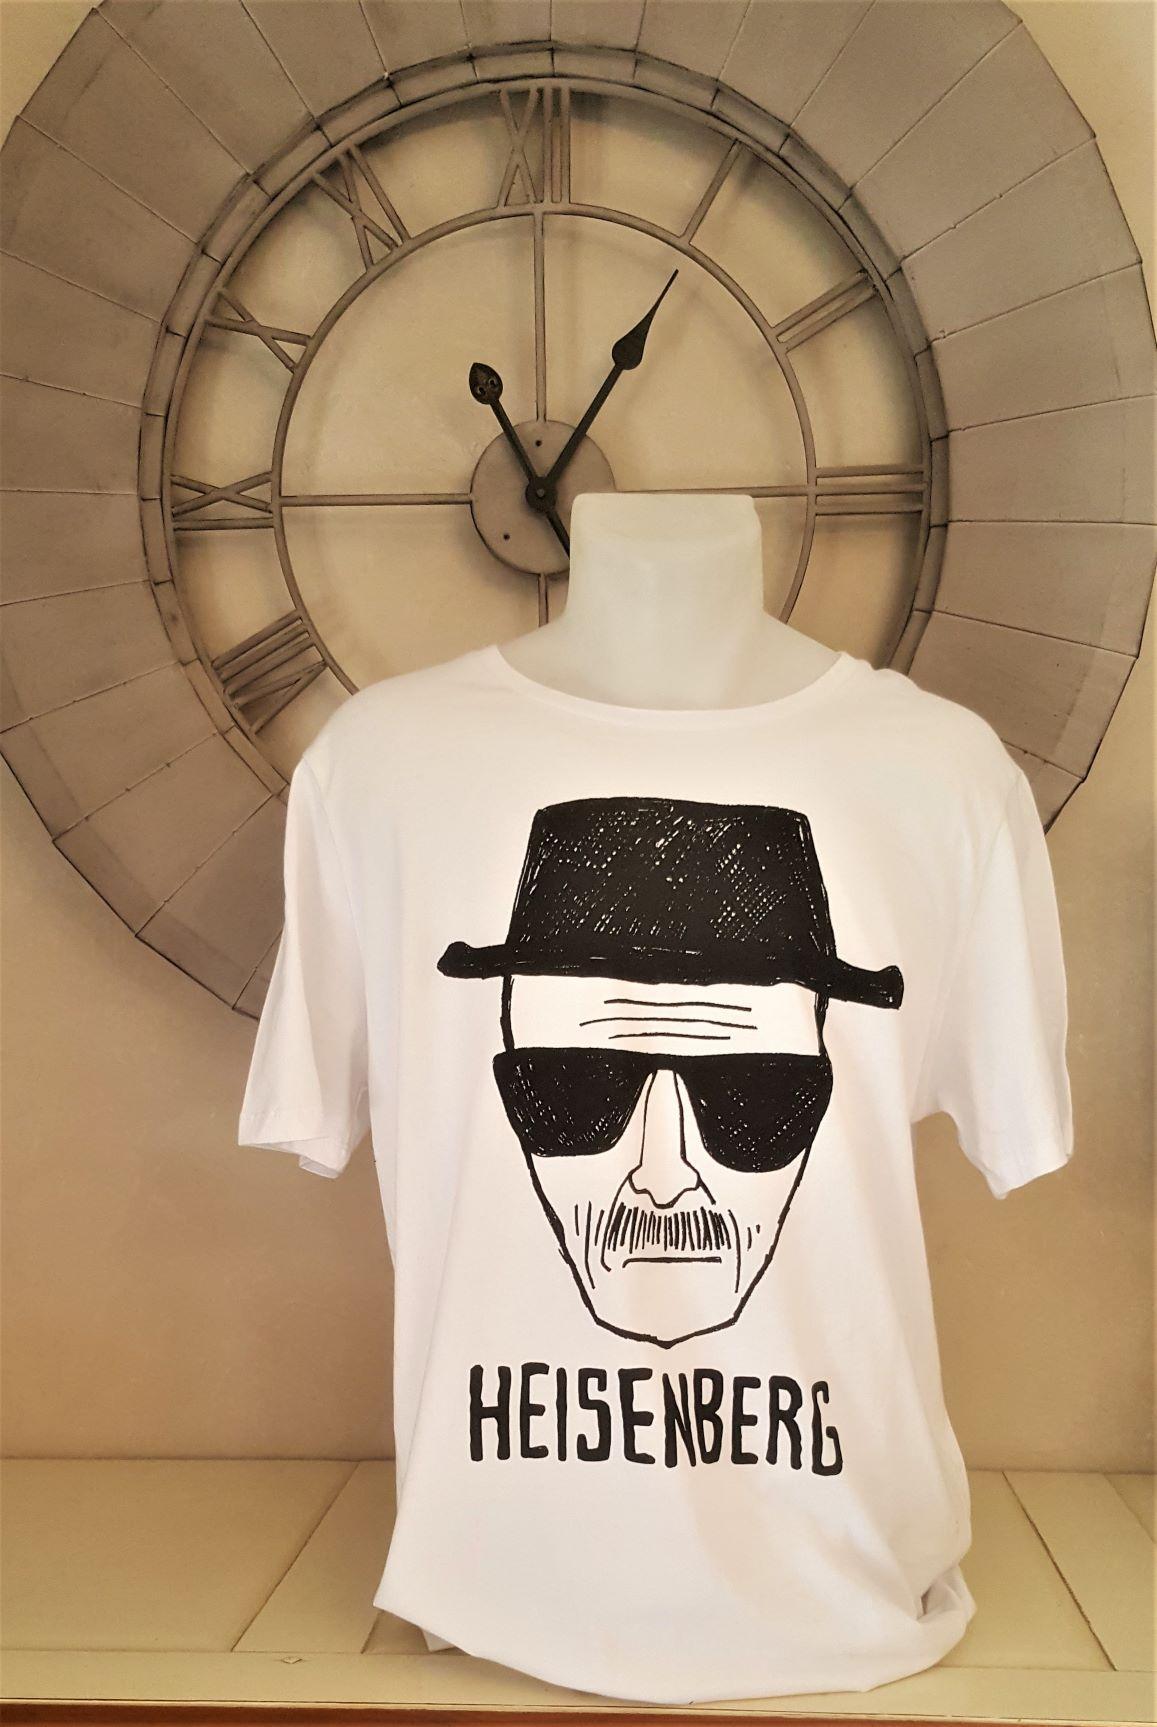 Tshirt heisenberg breaking bad